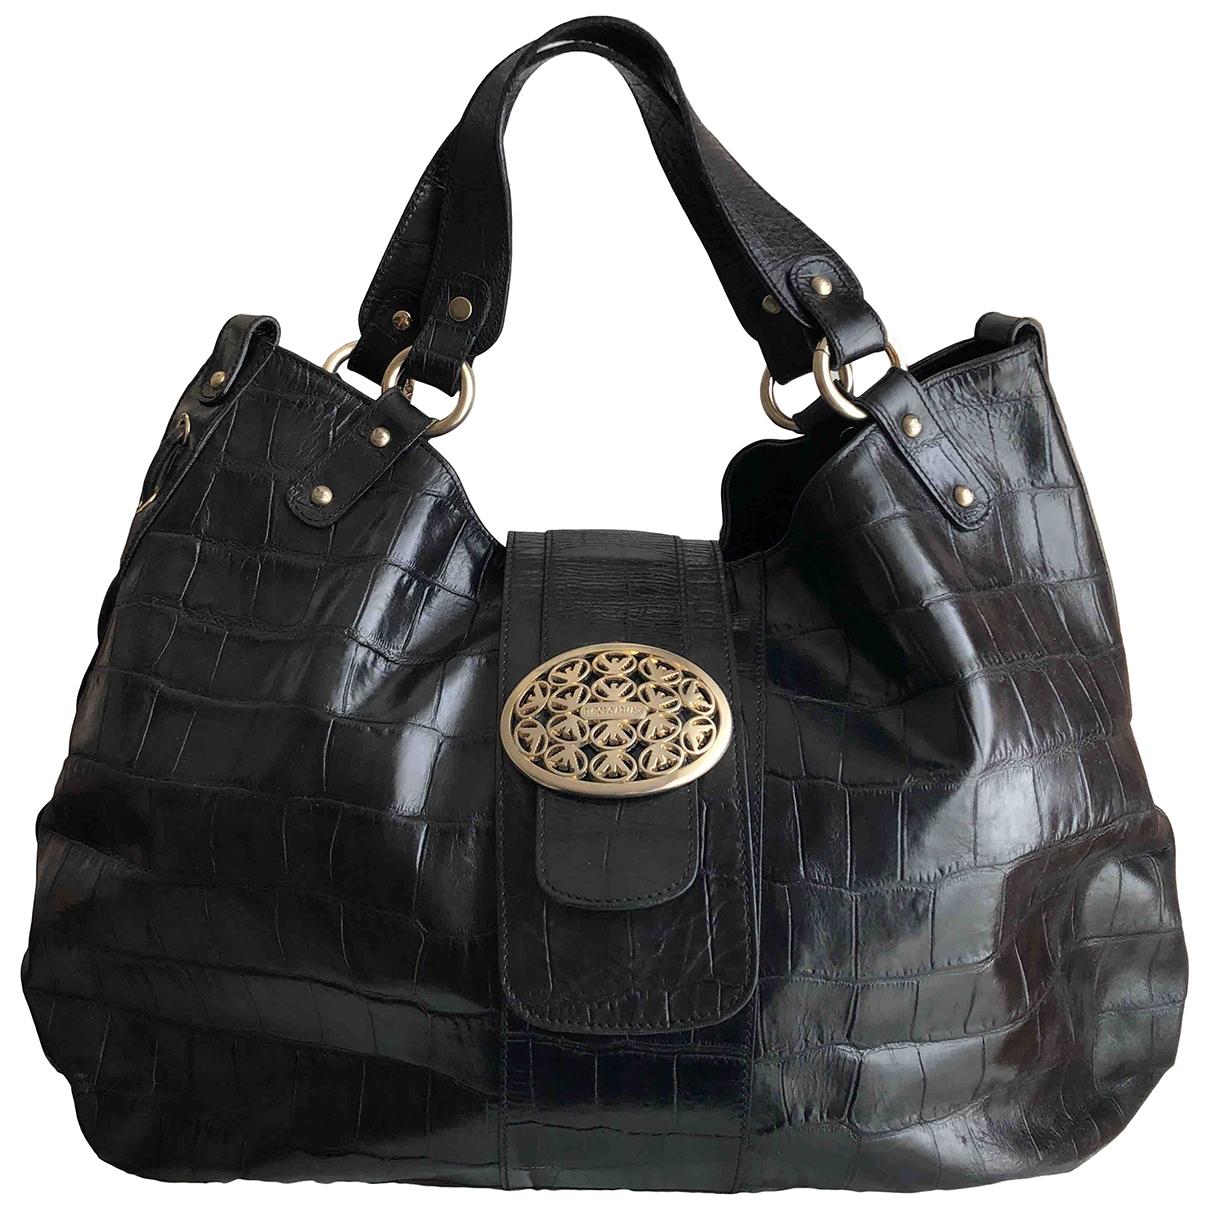 Emporio Armani \N Handtasche in  Schwarz Leder